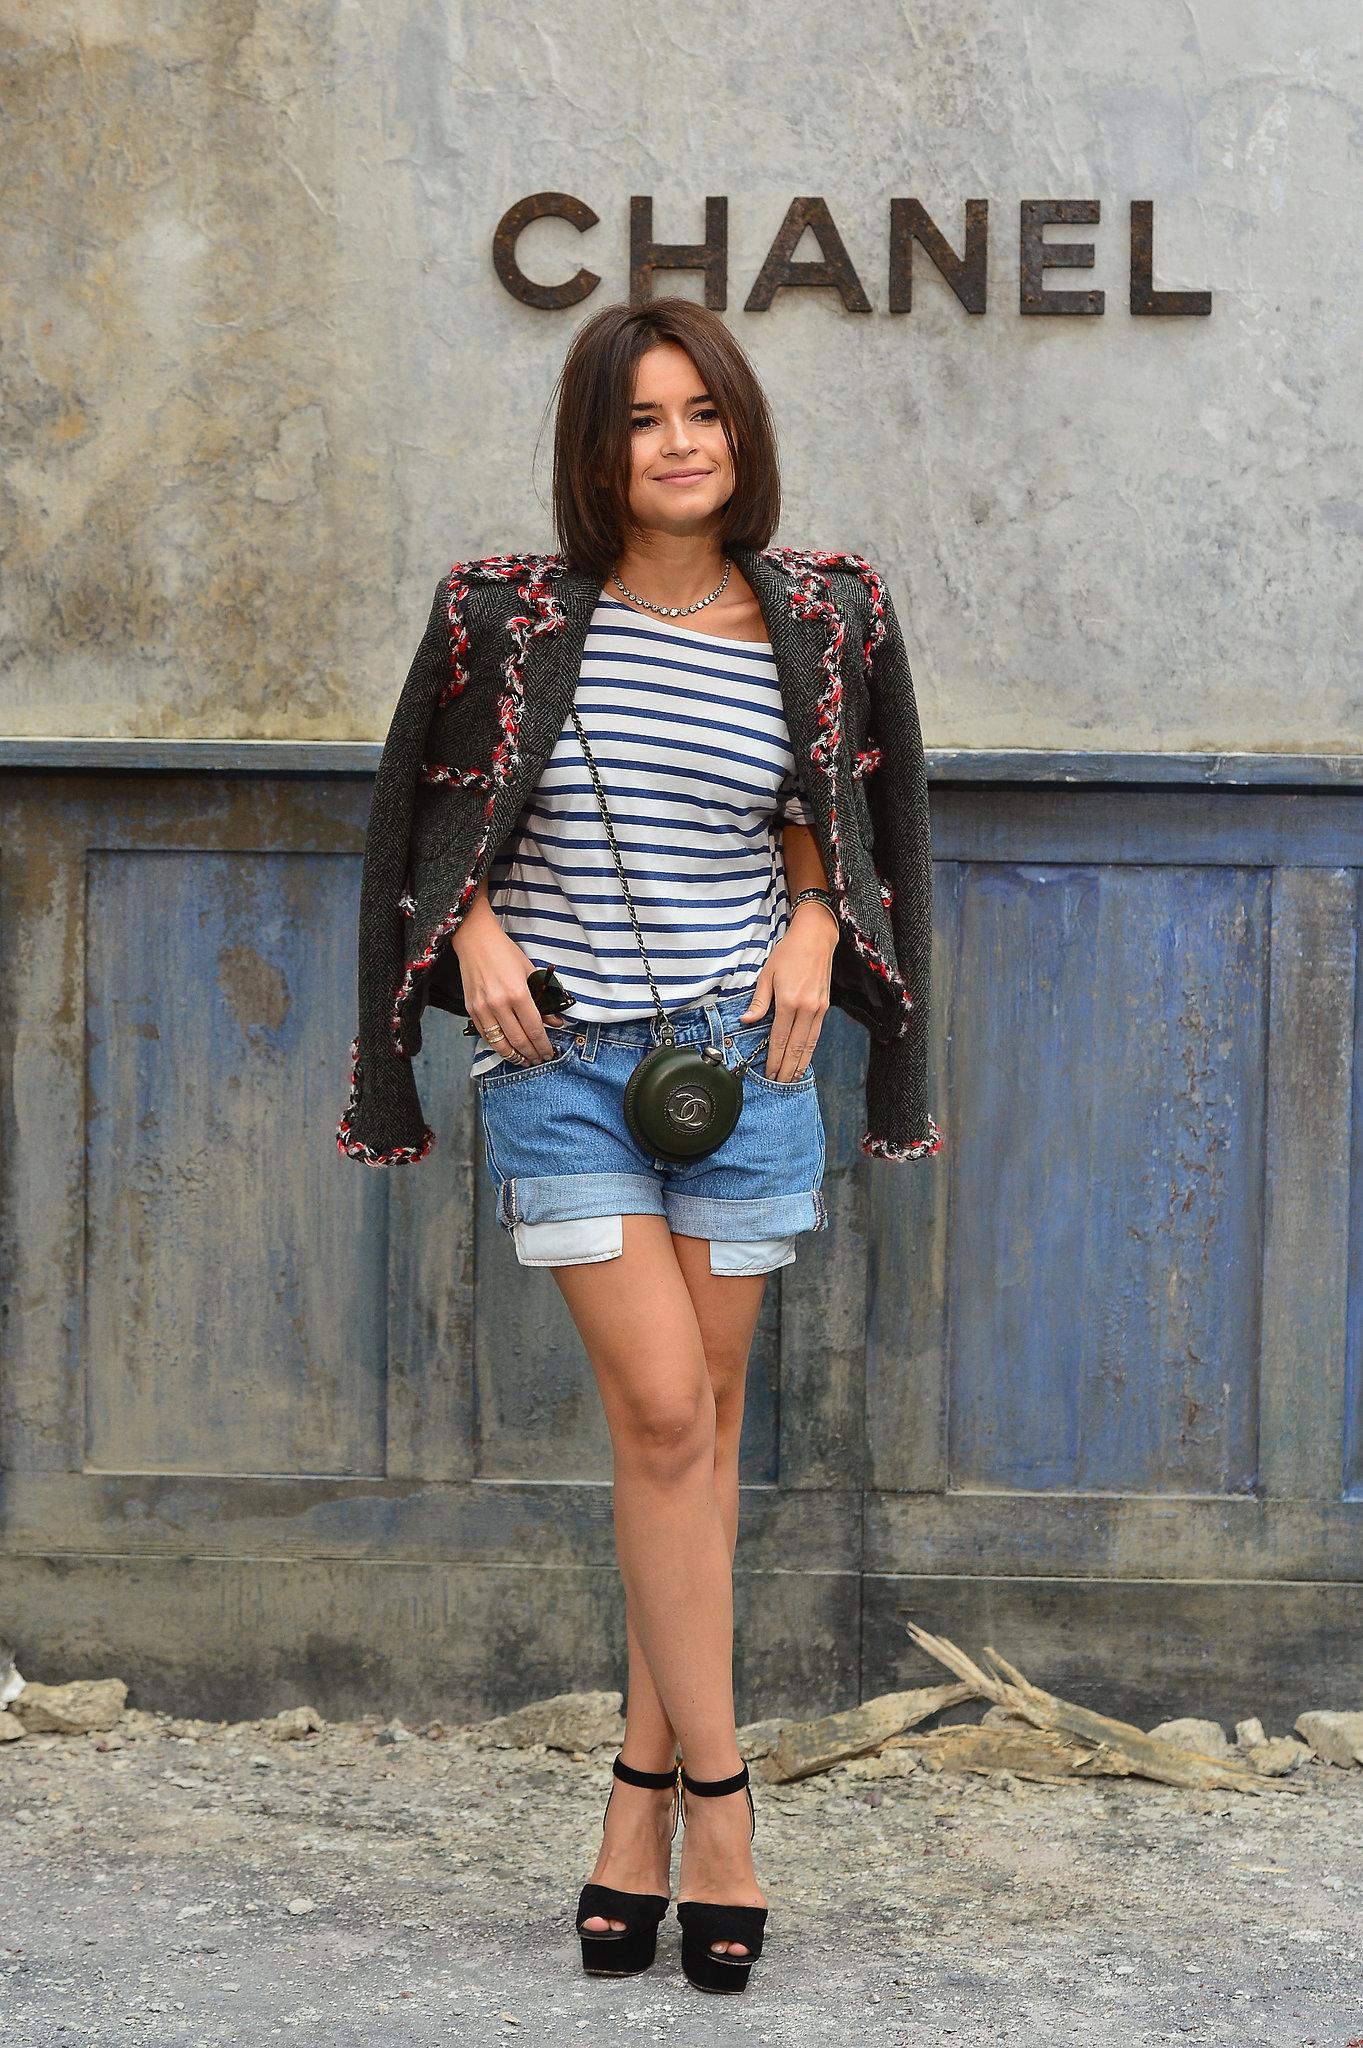 Miroslava Duma gave denim shorts a high-fashion take at the Paris Chanel Haute Couture runway show.